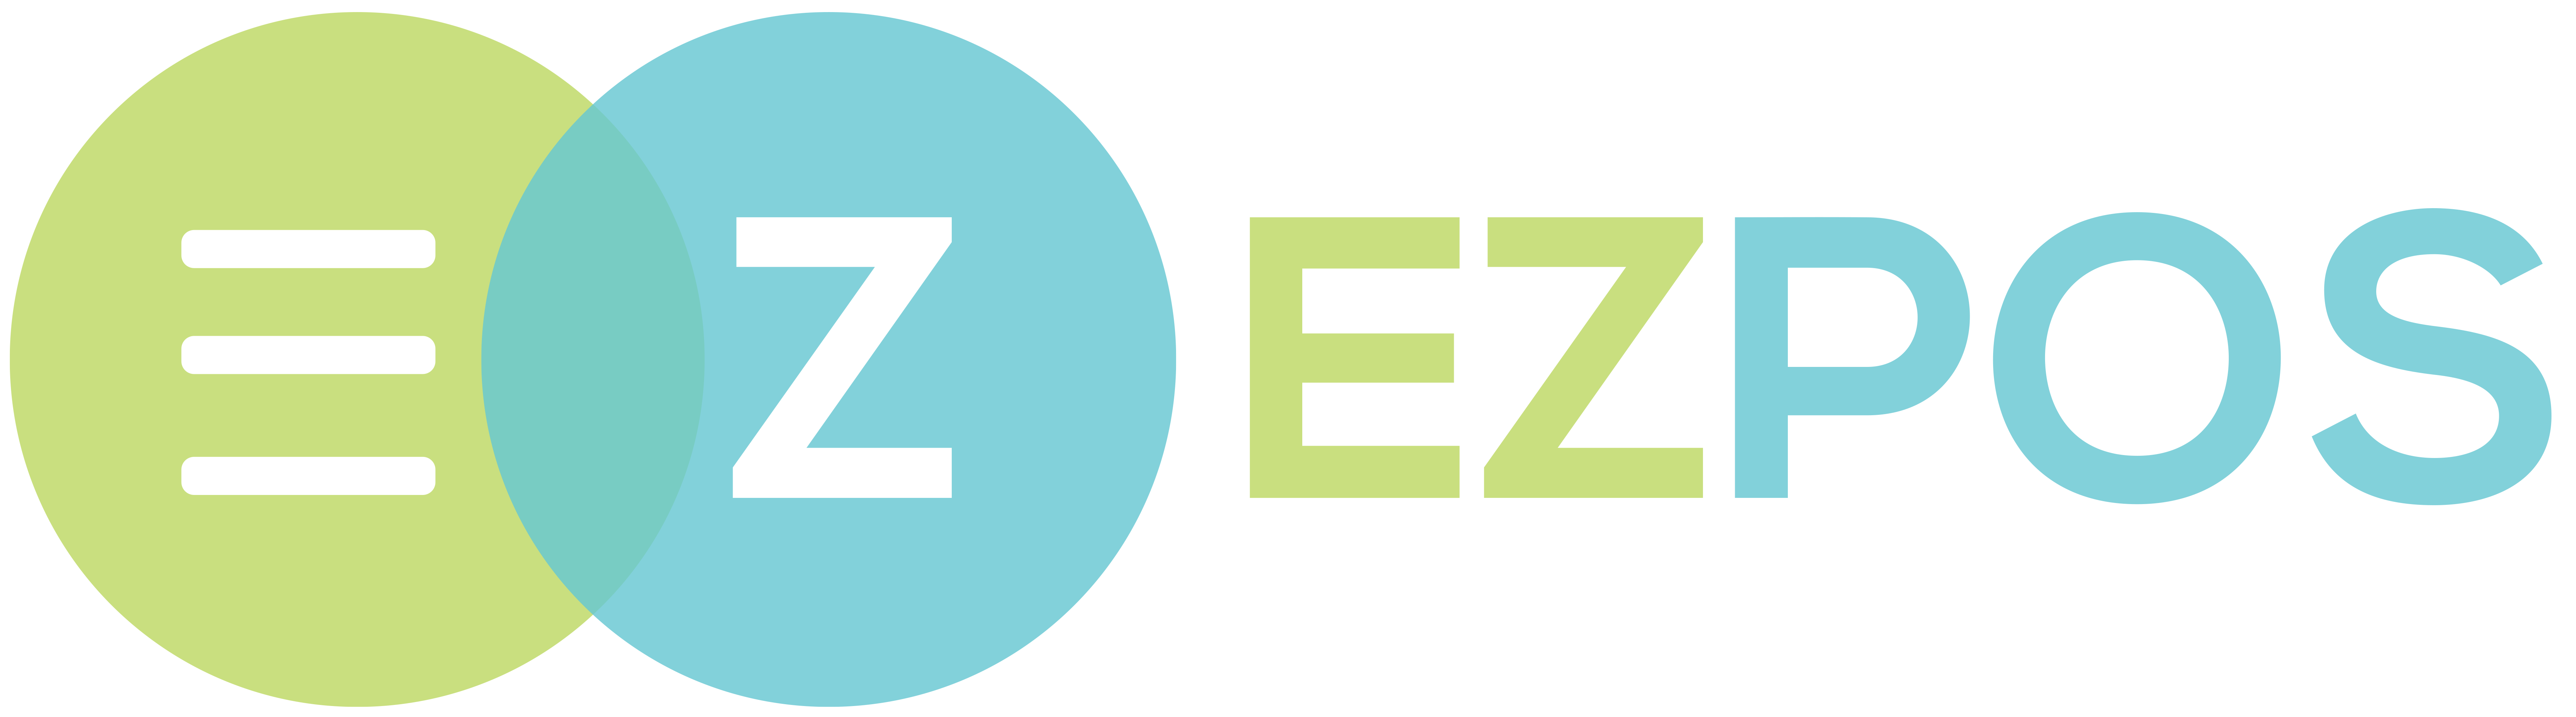 logo-ezpos